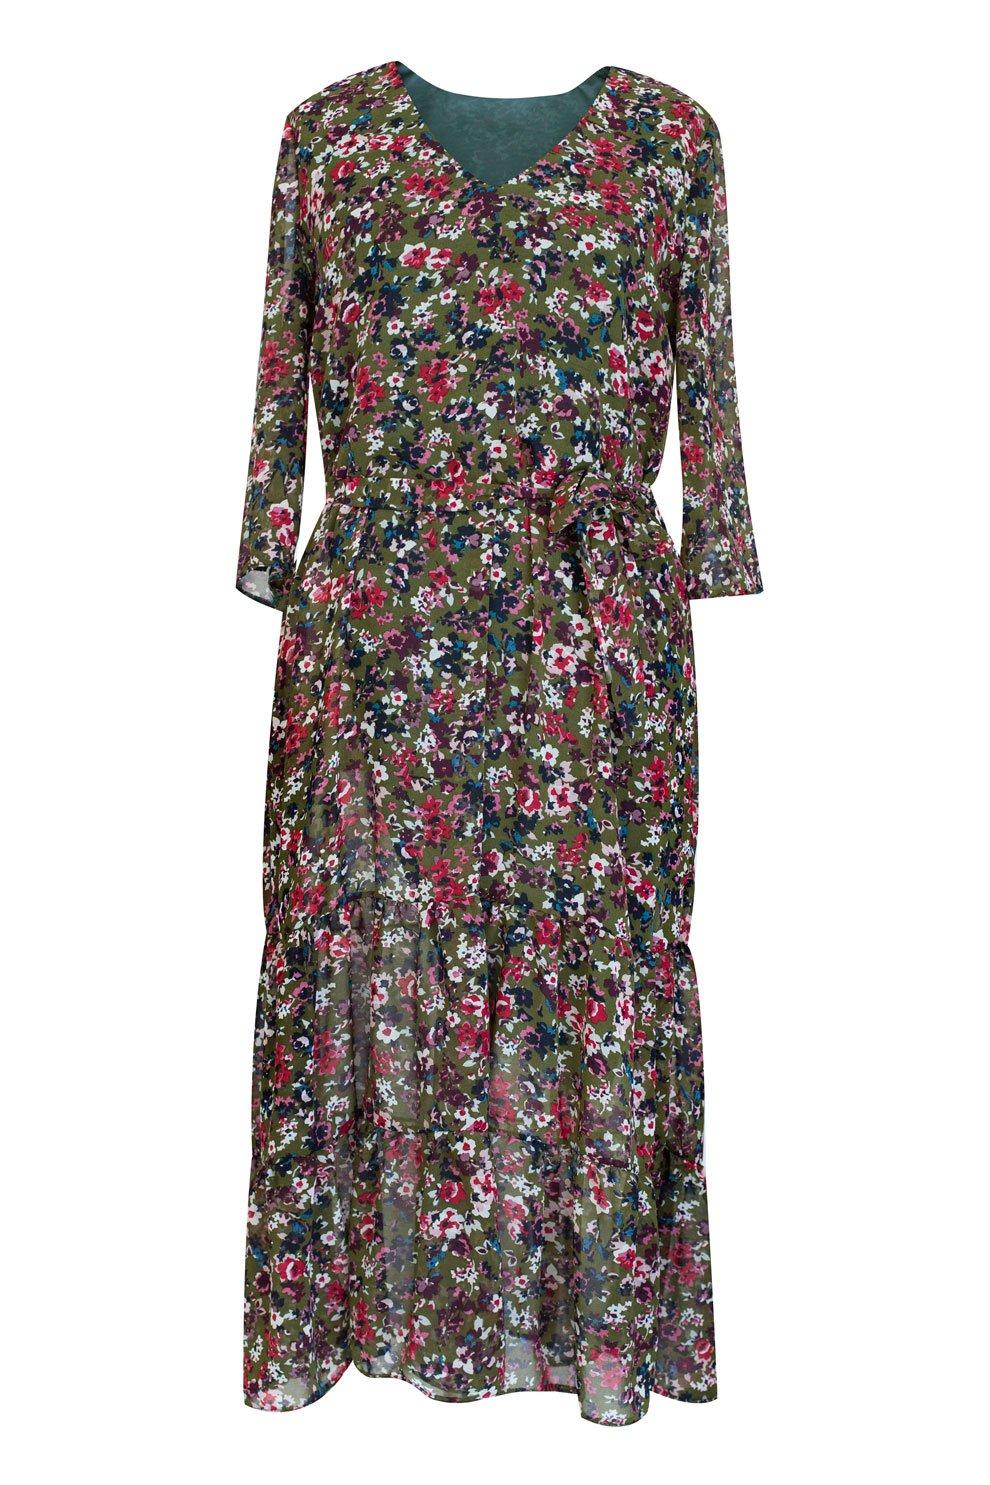 172fea4af5 Zielona sukienka Maxi 7 8 w kwiatki L AMOUR